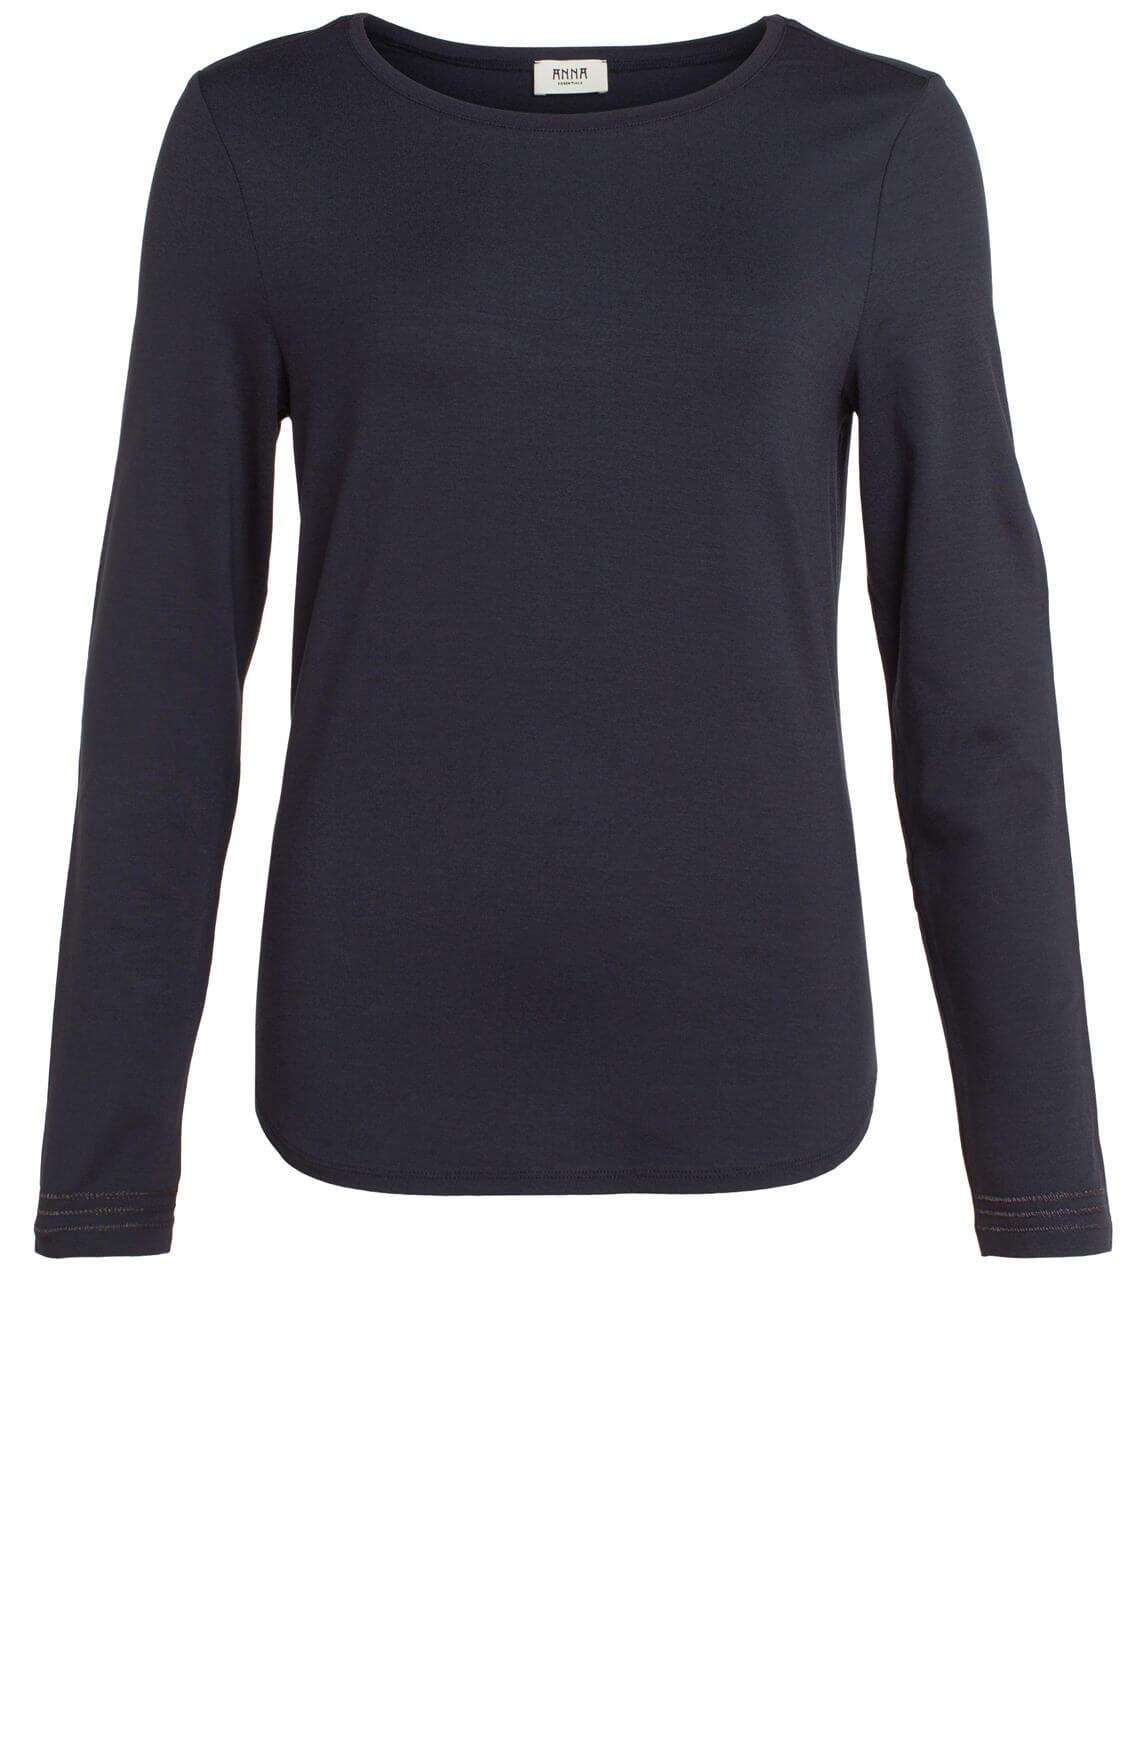 Anna Dames Shirt met stikseldetail Blauw